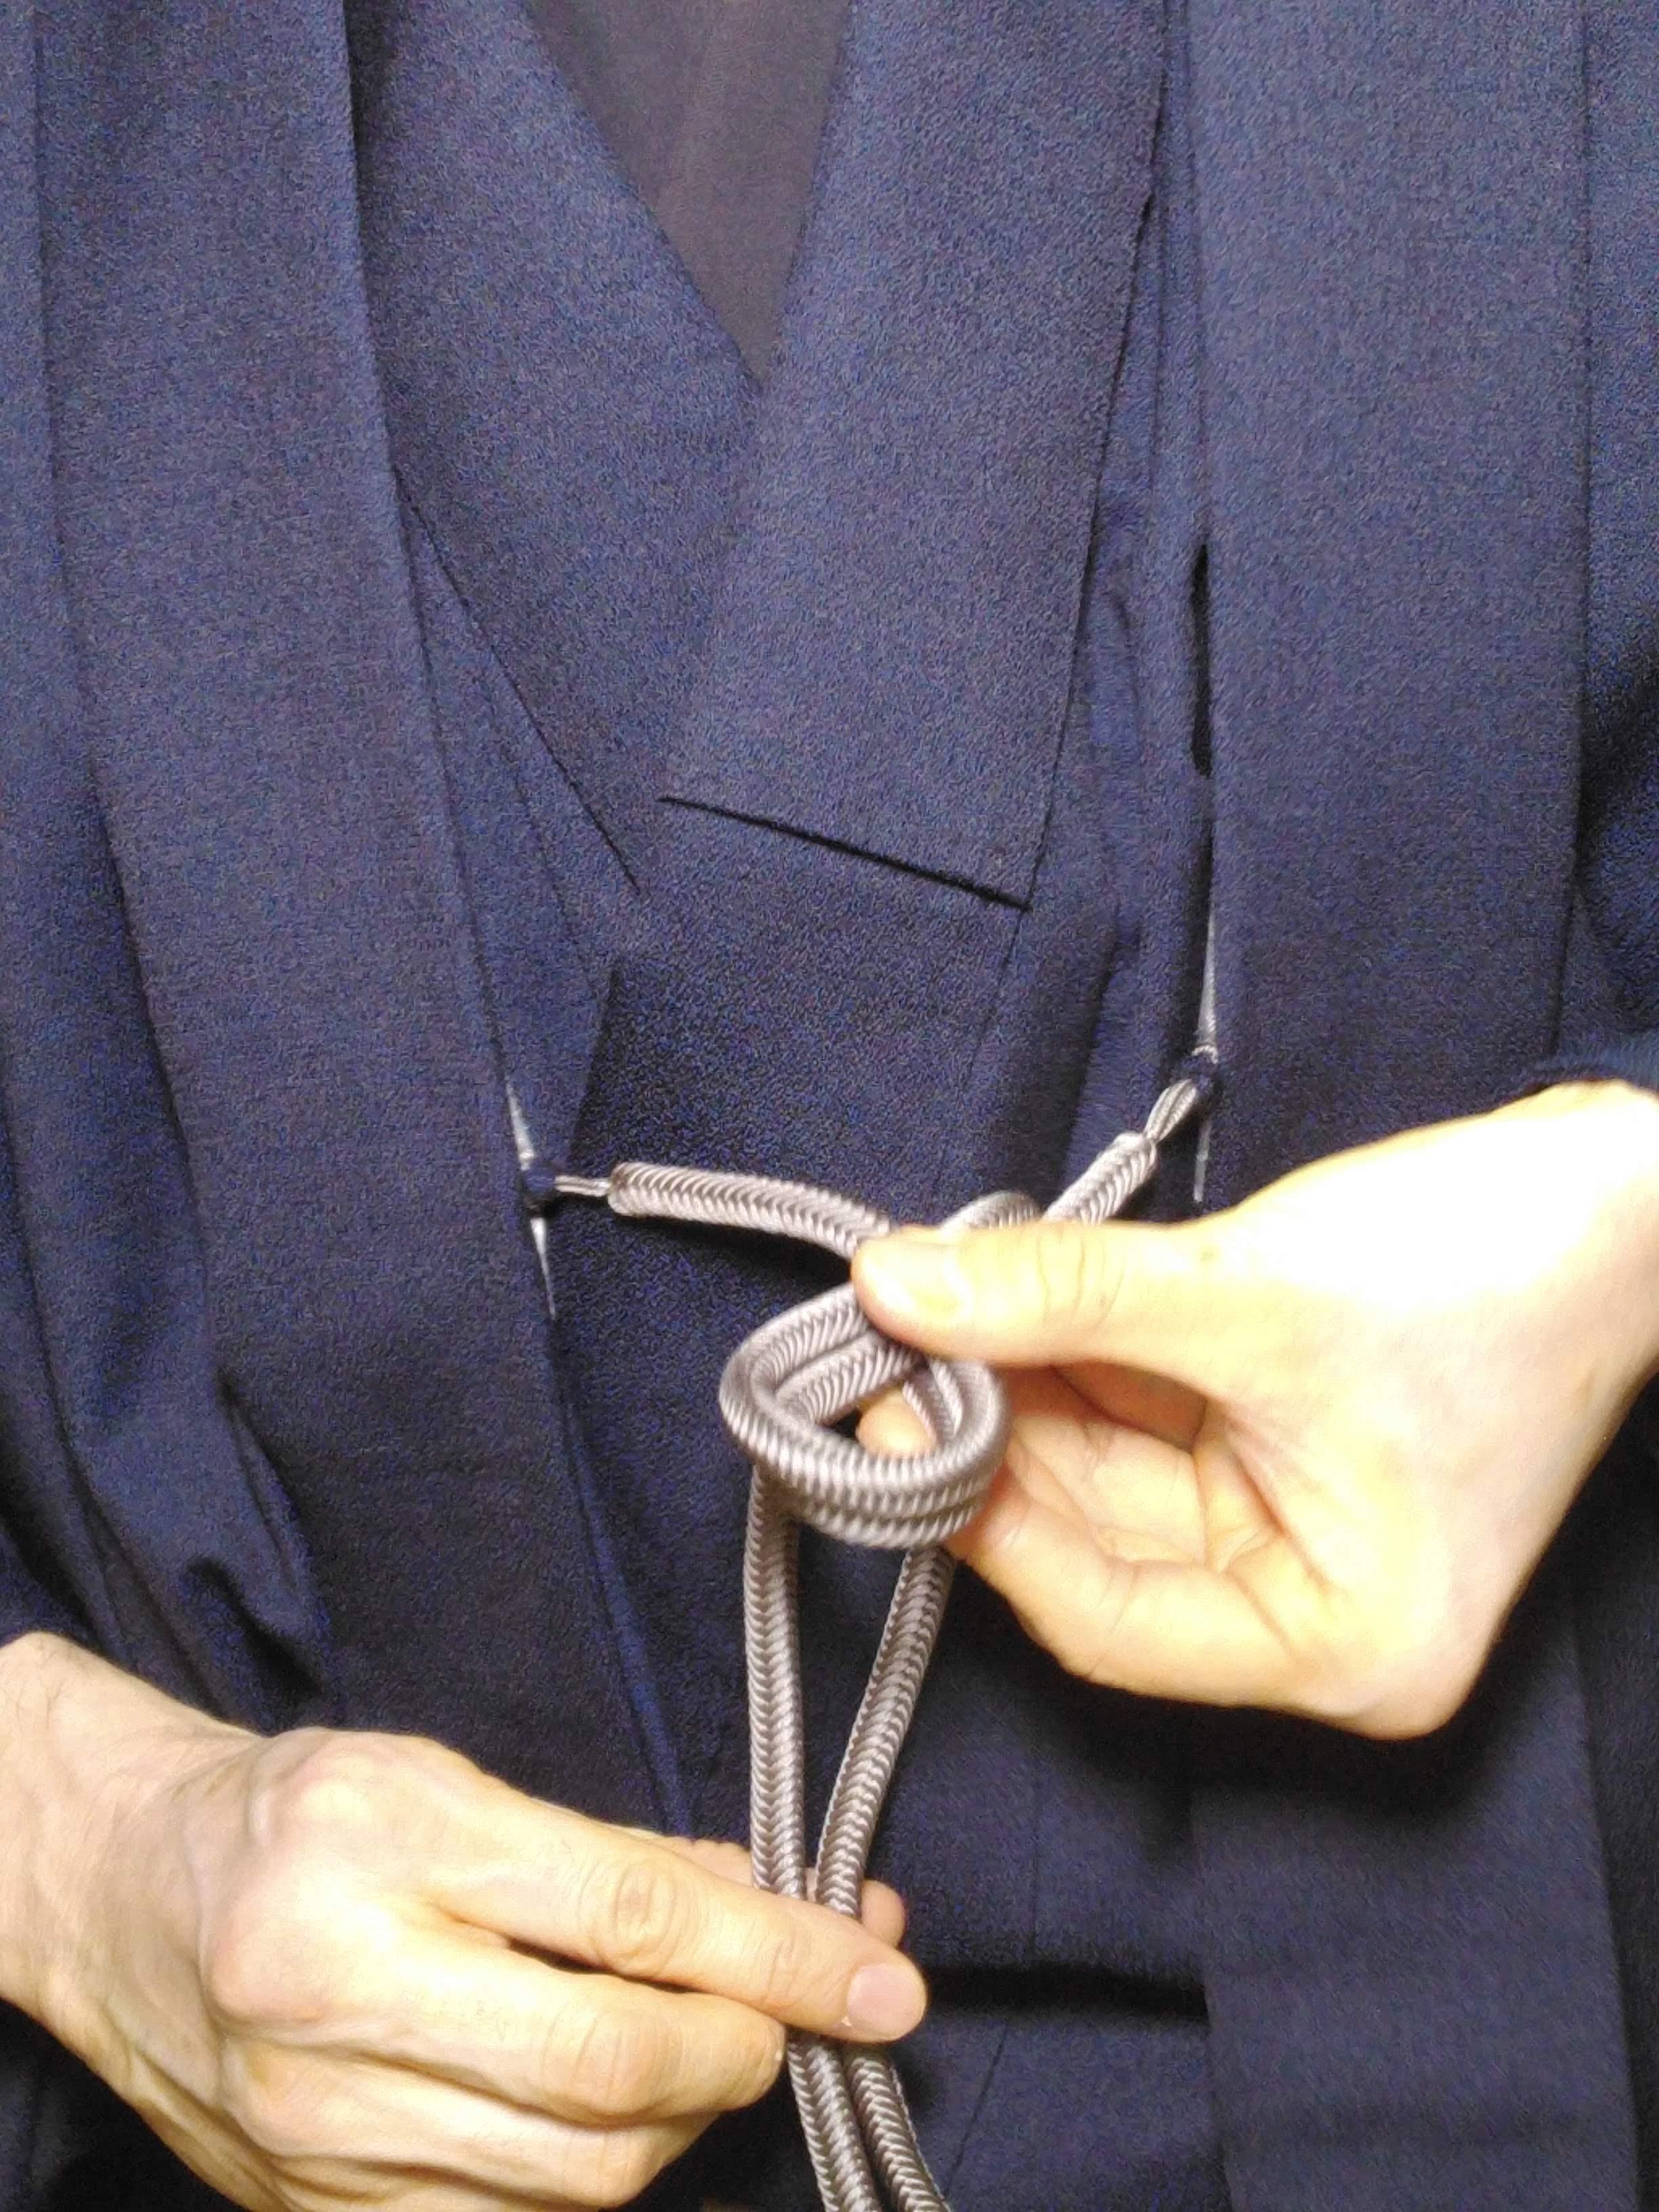 男の和服着物,メンズ着物,結び方,羽織紐,一重結び,和装,種類,狐面,日本,裏着物